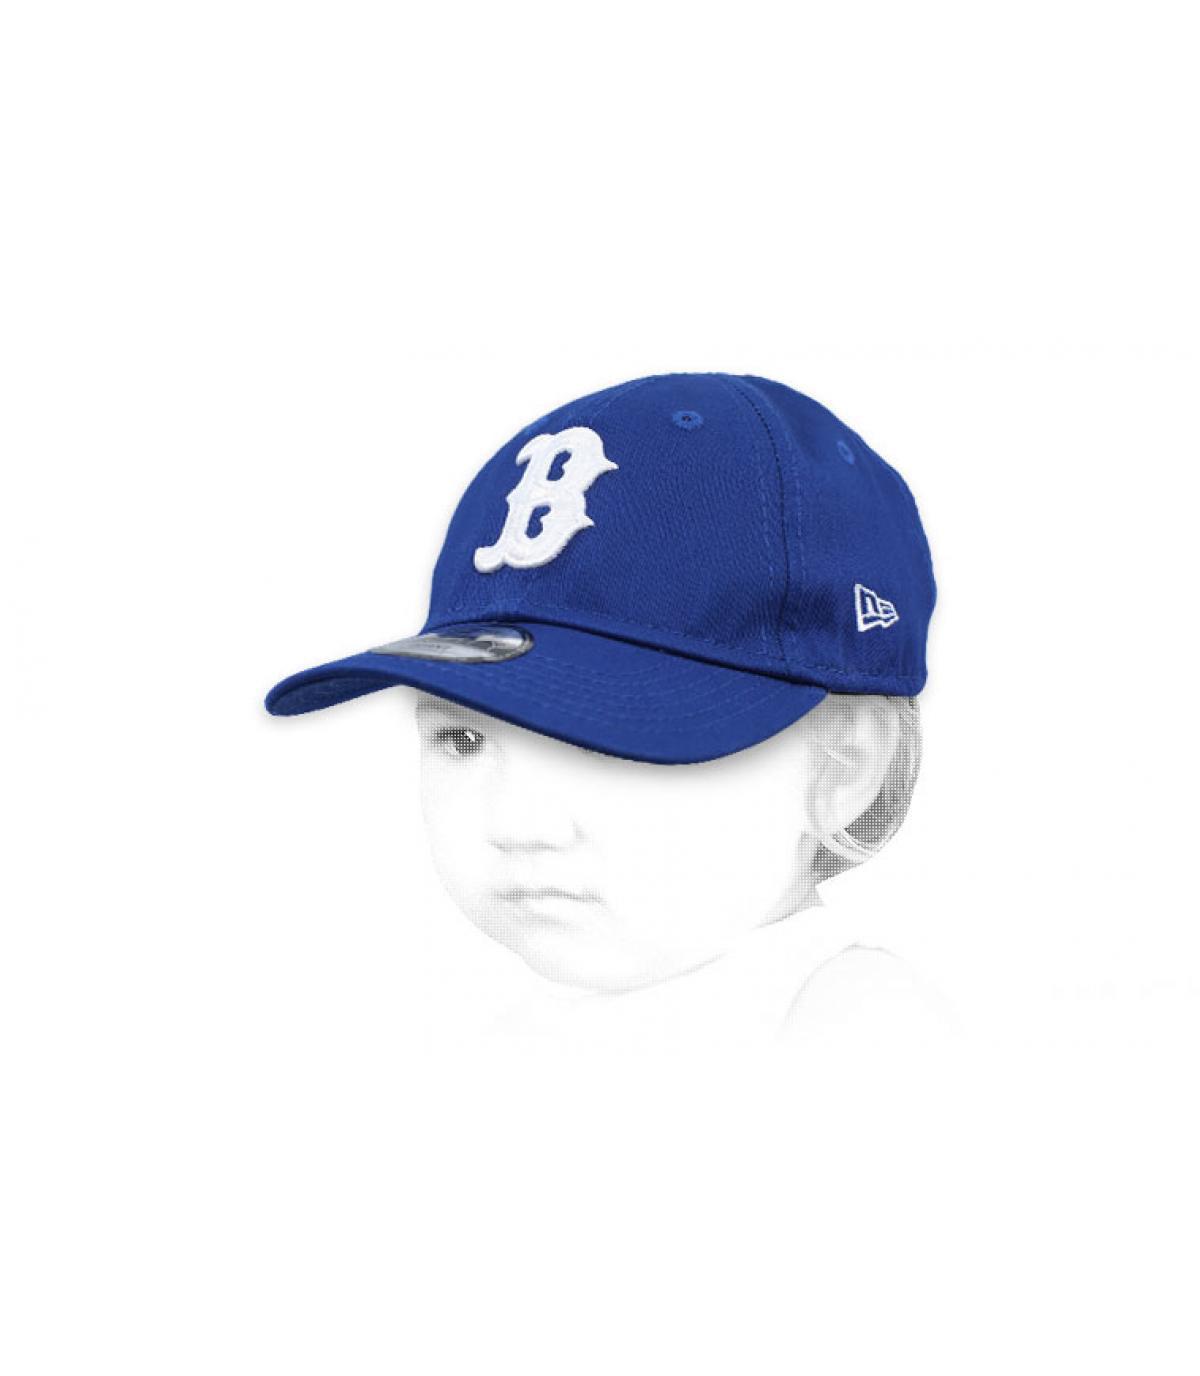 casquette bébé B bleu